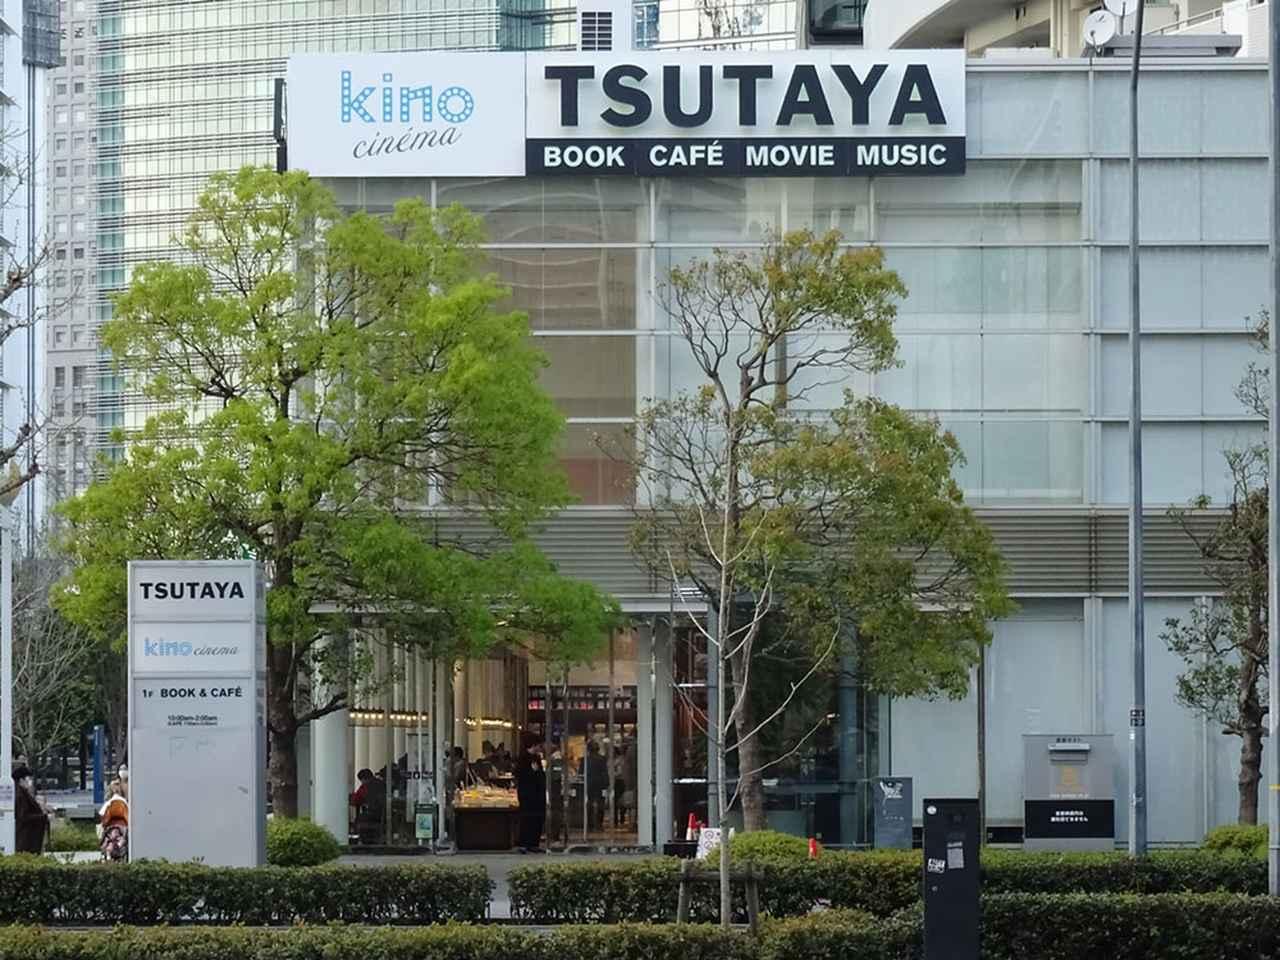 画像2: より多くのお客さんに多彩な映画体験を提供するために。TSUTAYA 横浜みなとみらい店2階に「kino cinema」が本日オープン。サウンド面にも配慮あり!